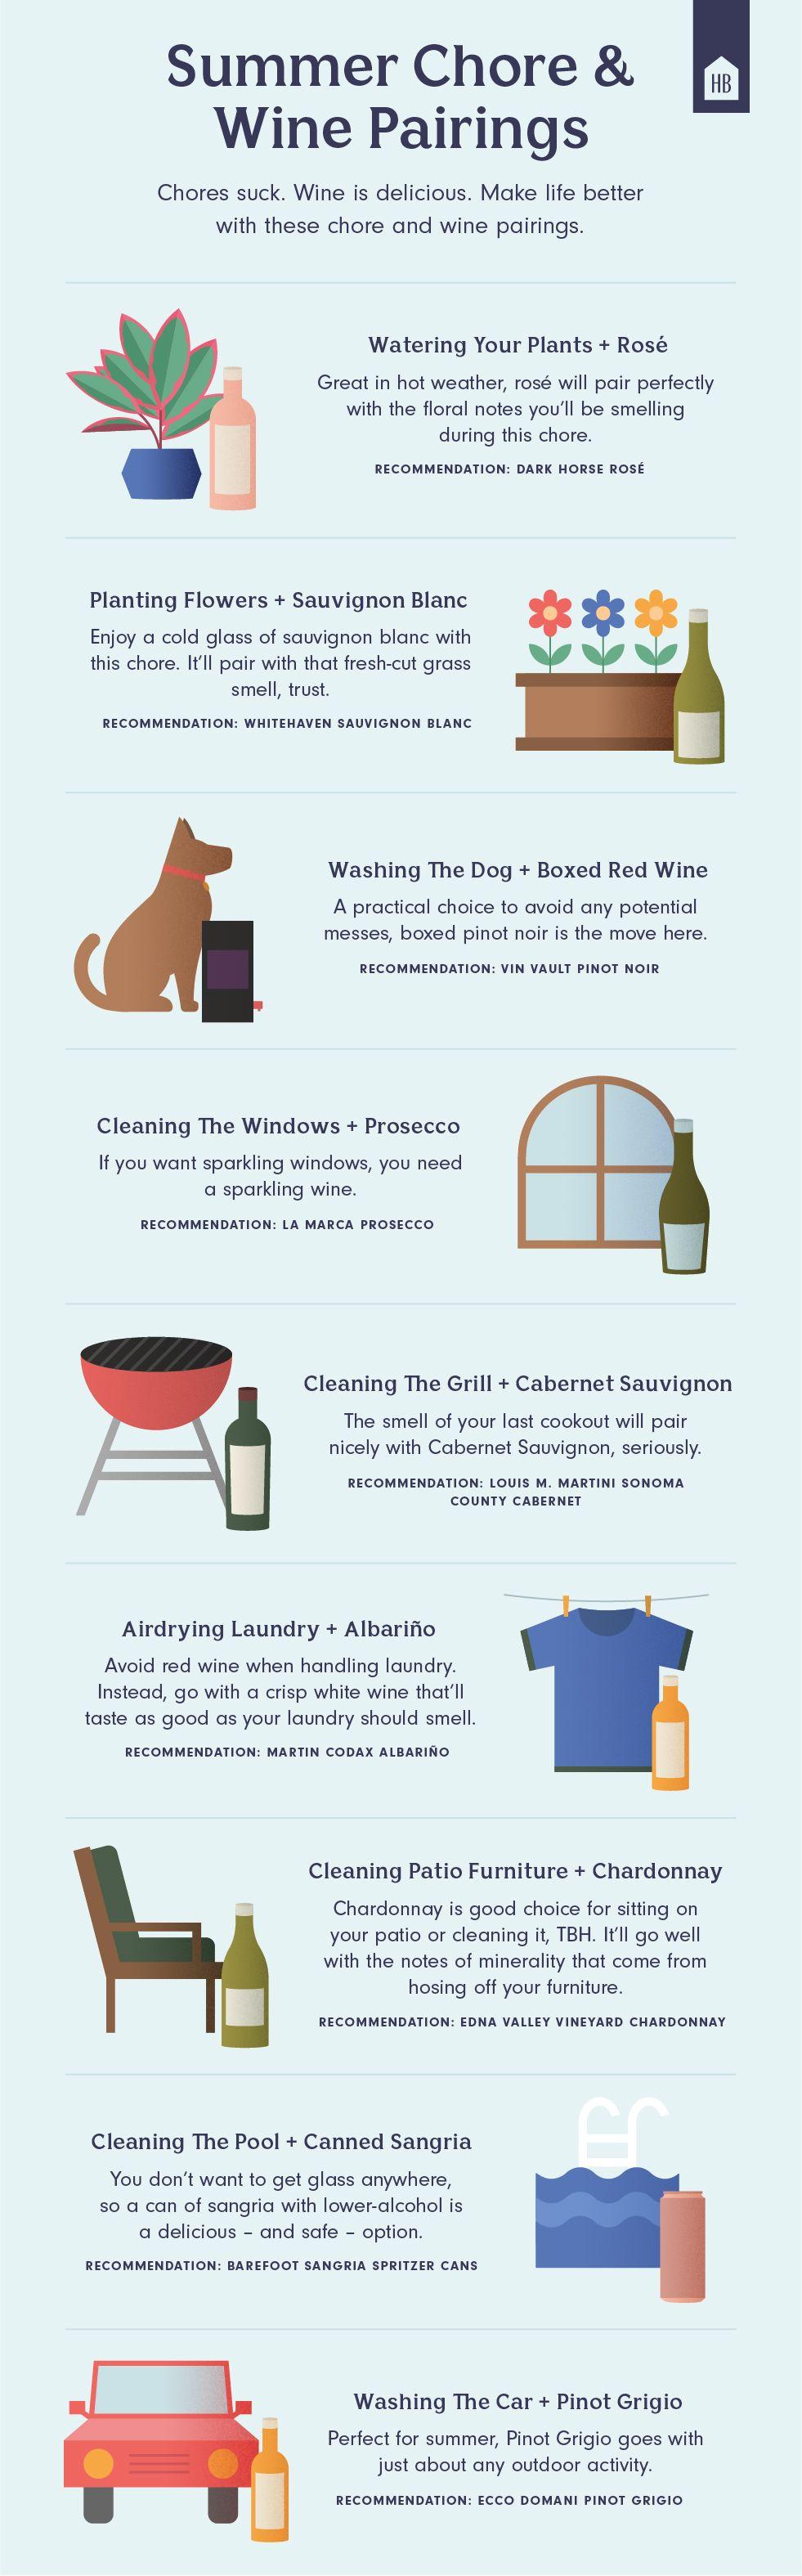 Summer Chore & Wine Pairings